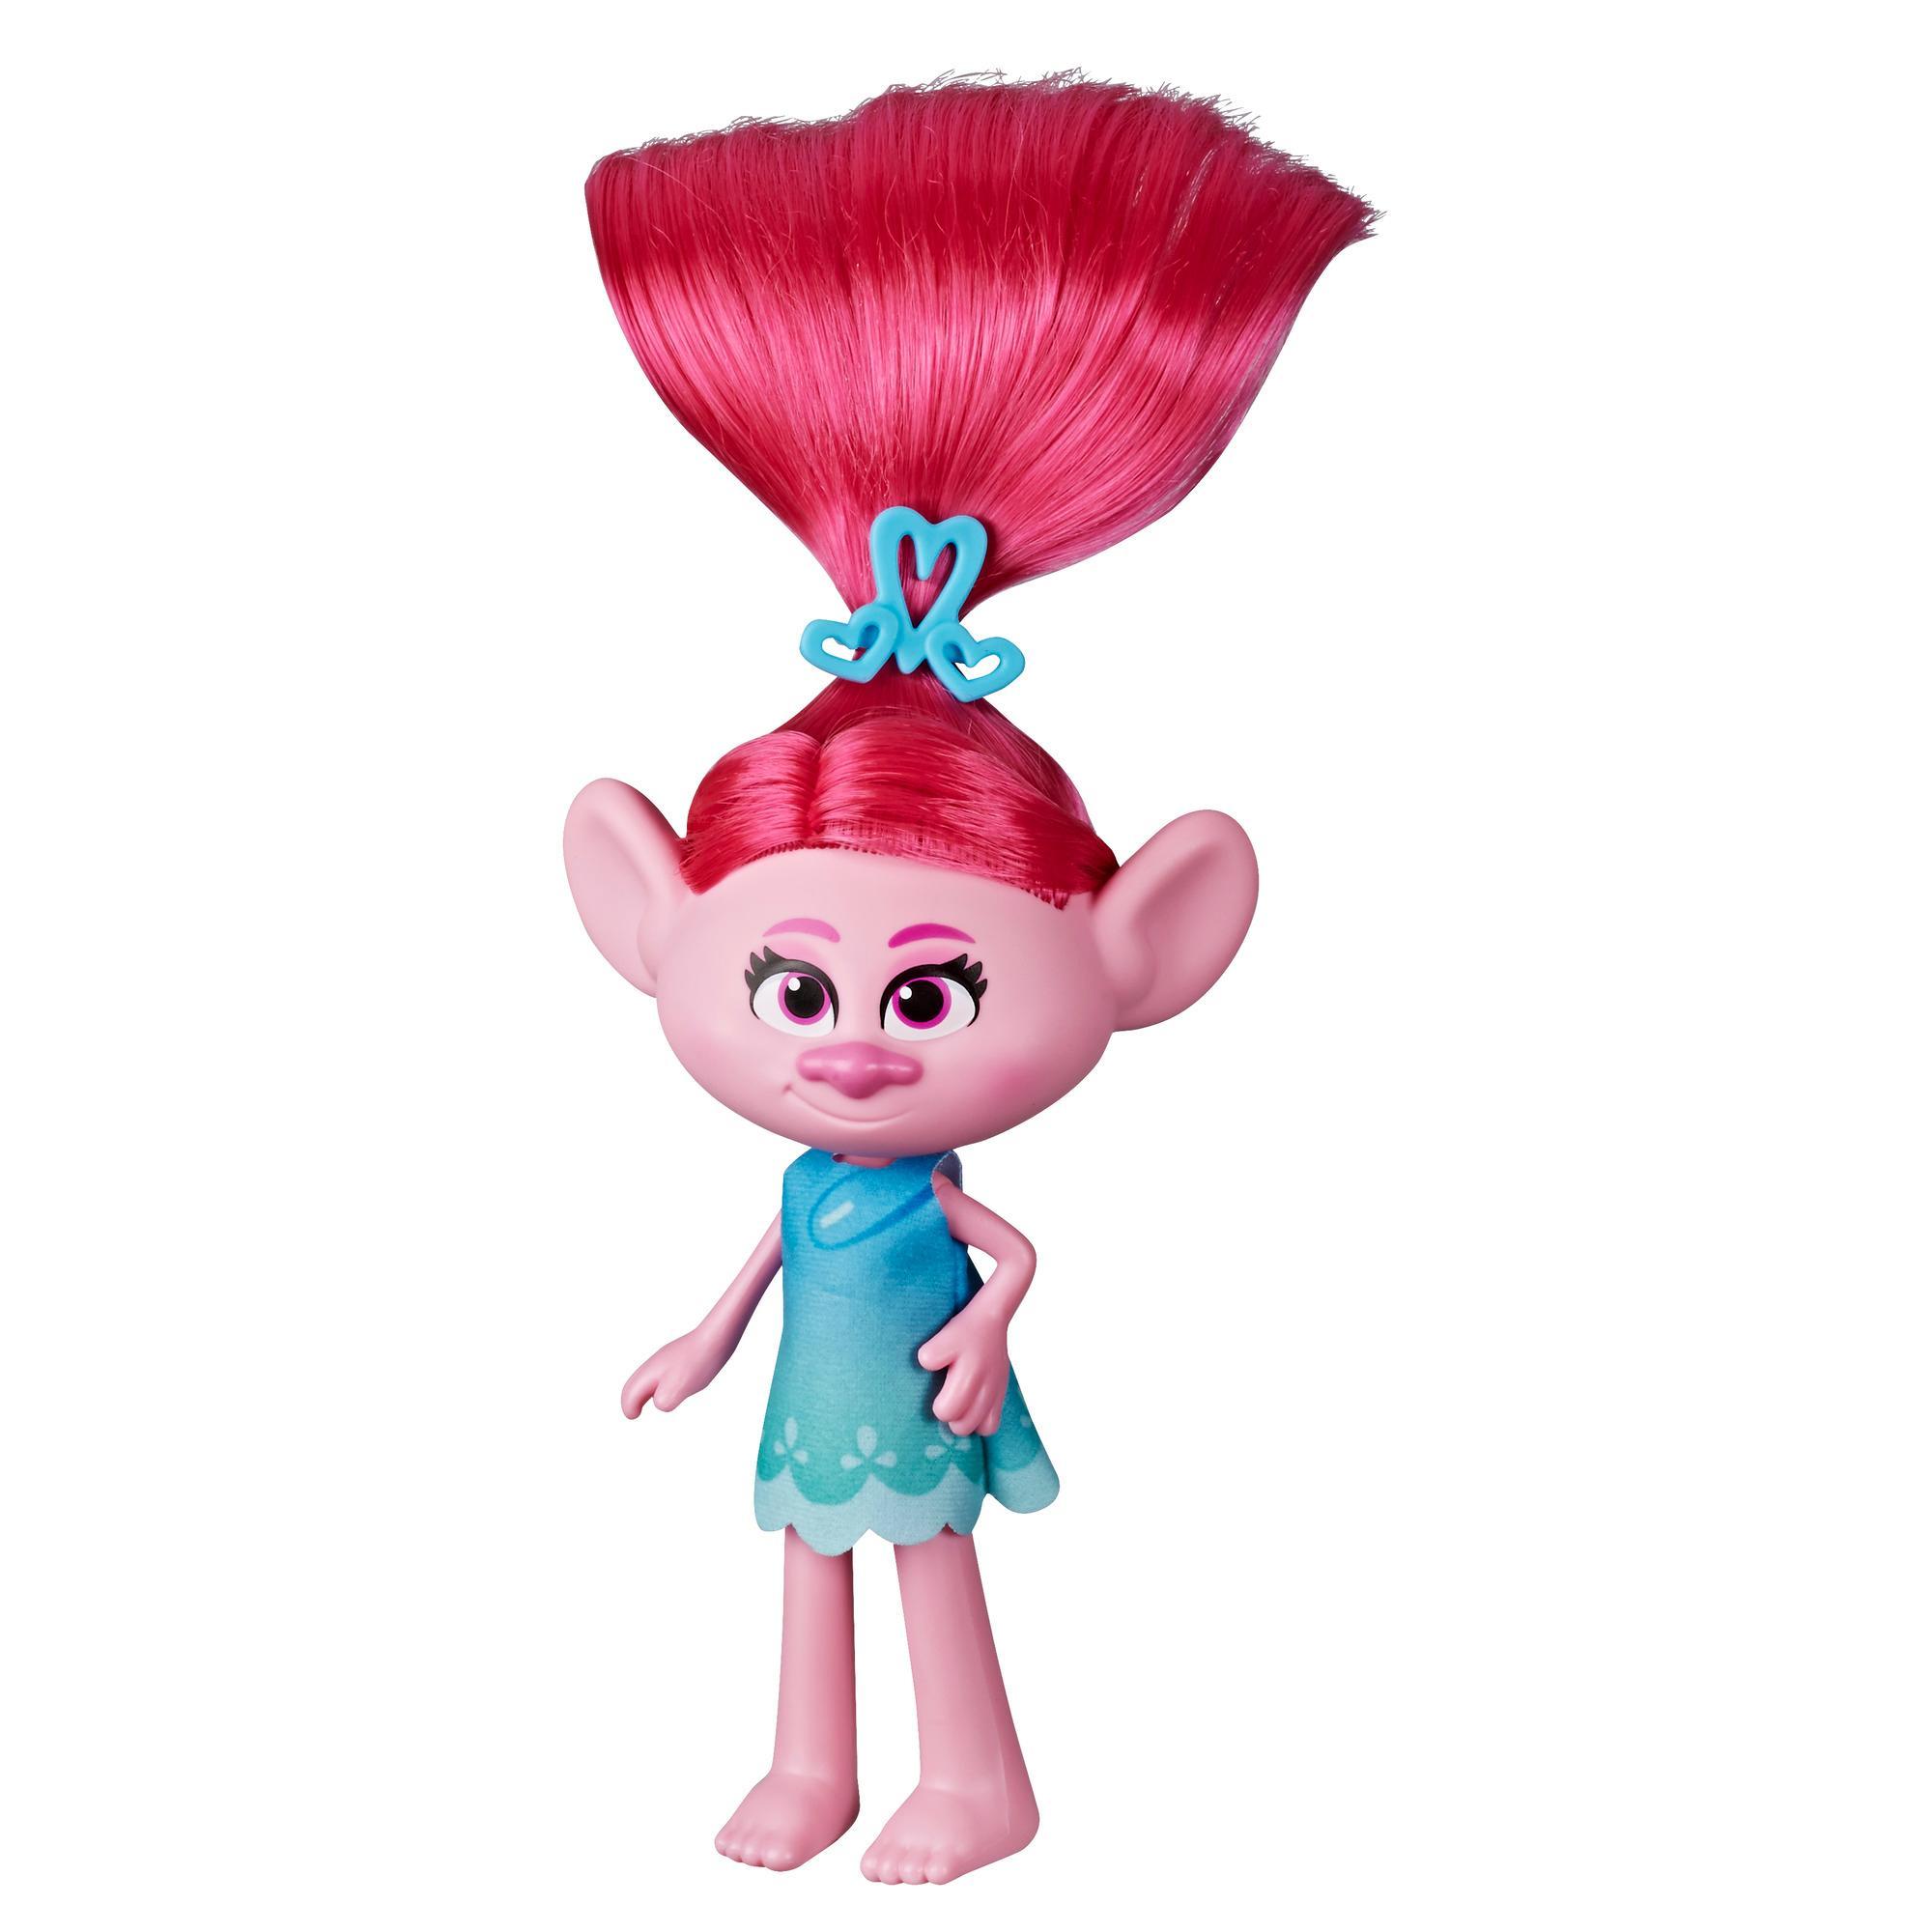 Muñeca Stylin' Poppy de DreamWorks Trolls con vestido y accesorio para el cabello removibles, inspirada en Trolls: Gira mundial